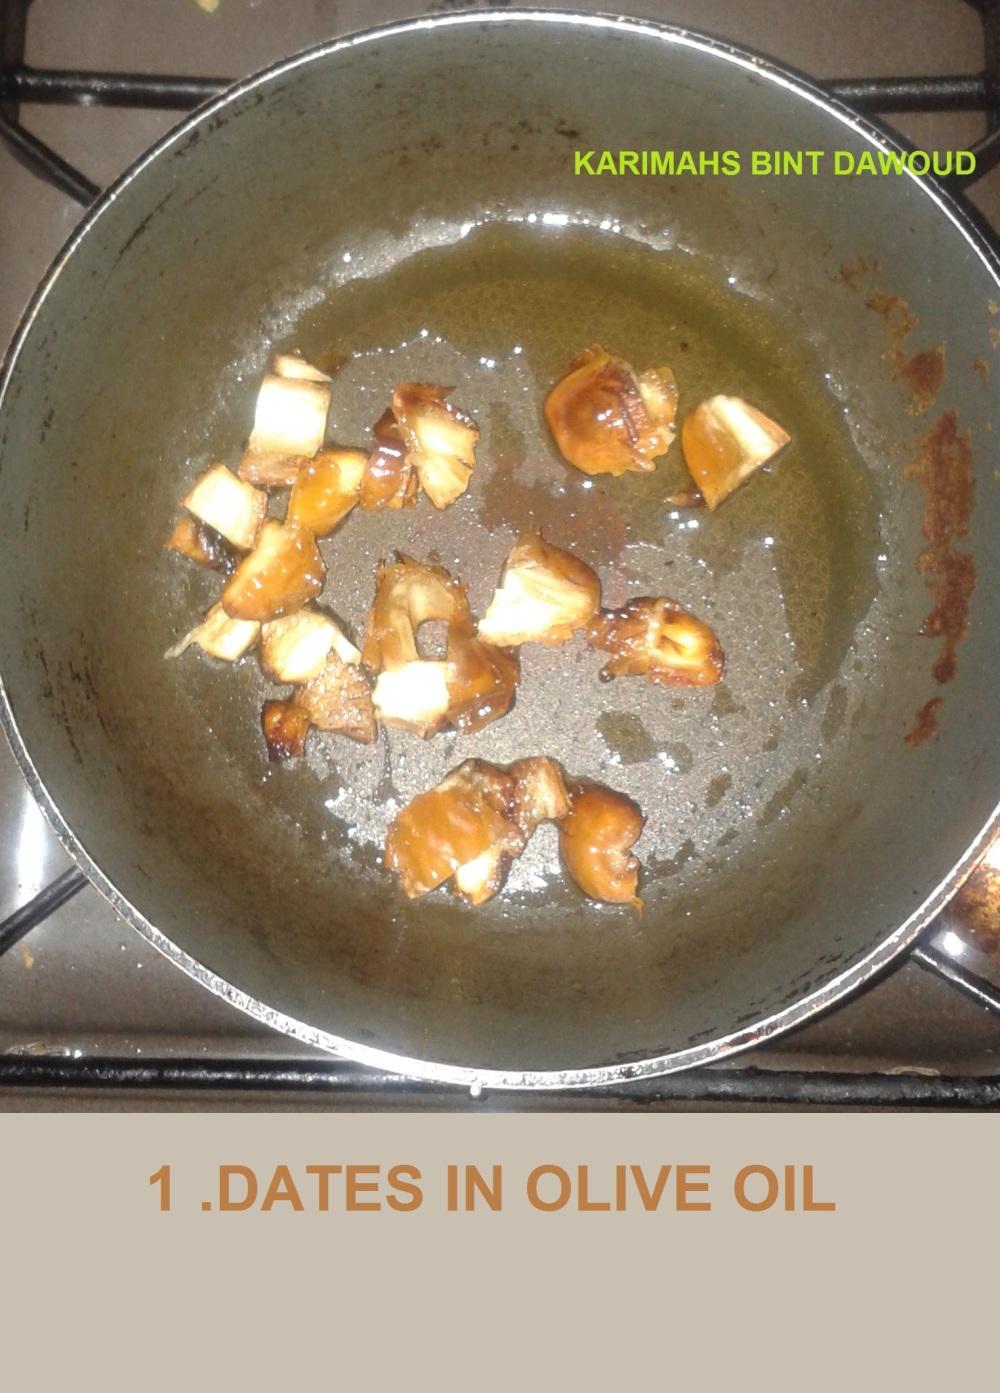 DATES IN OIL tex